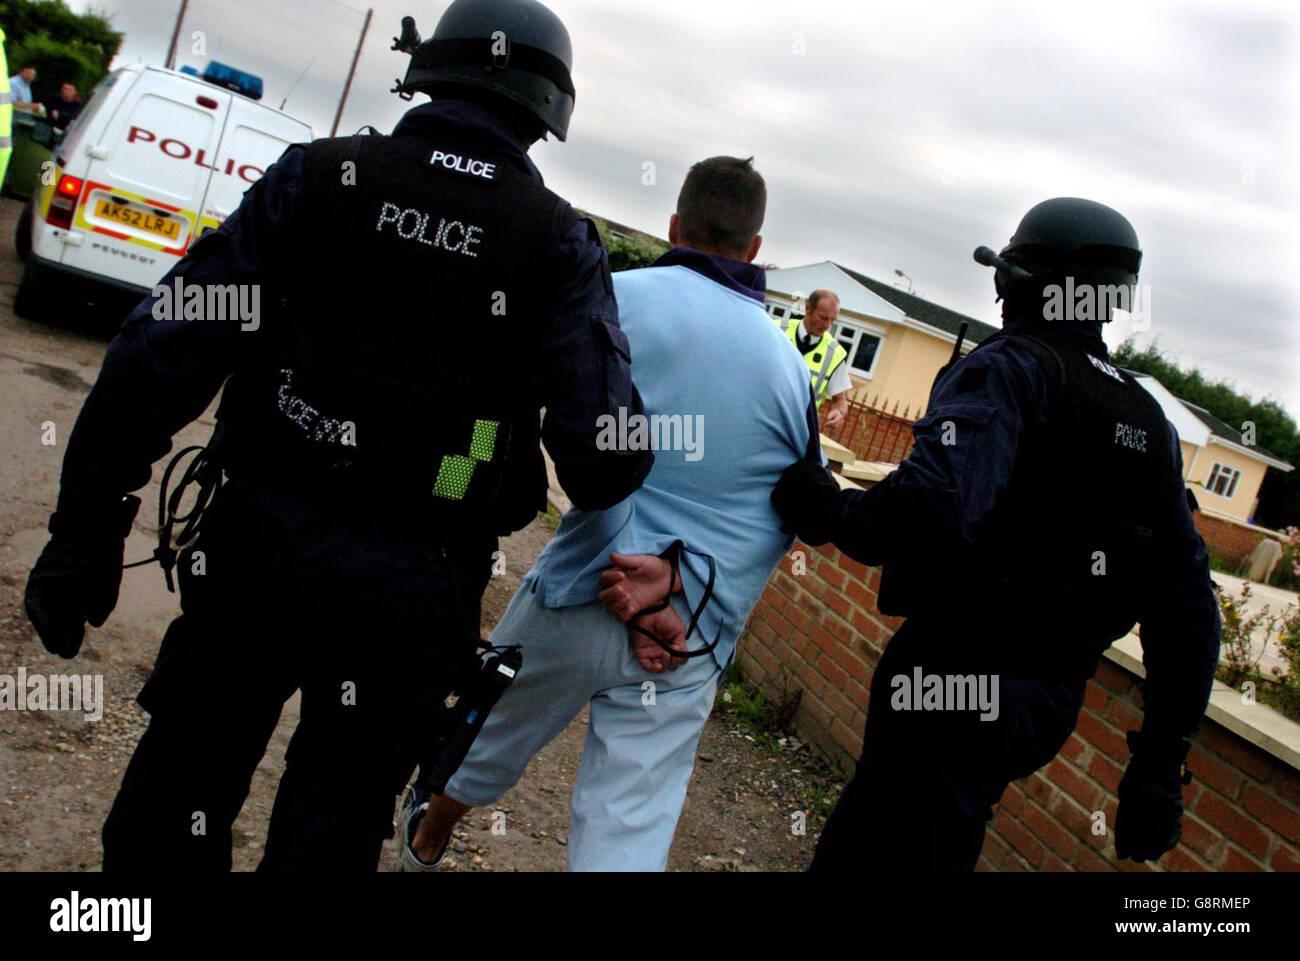 Poste de POLICE Photo Stock